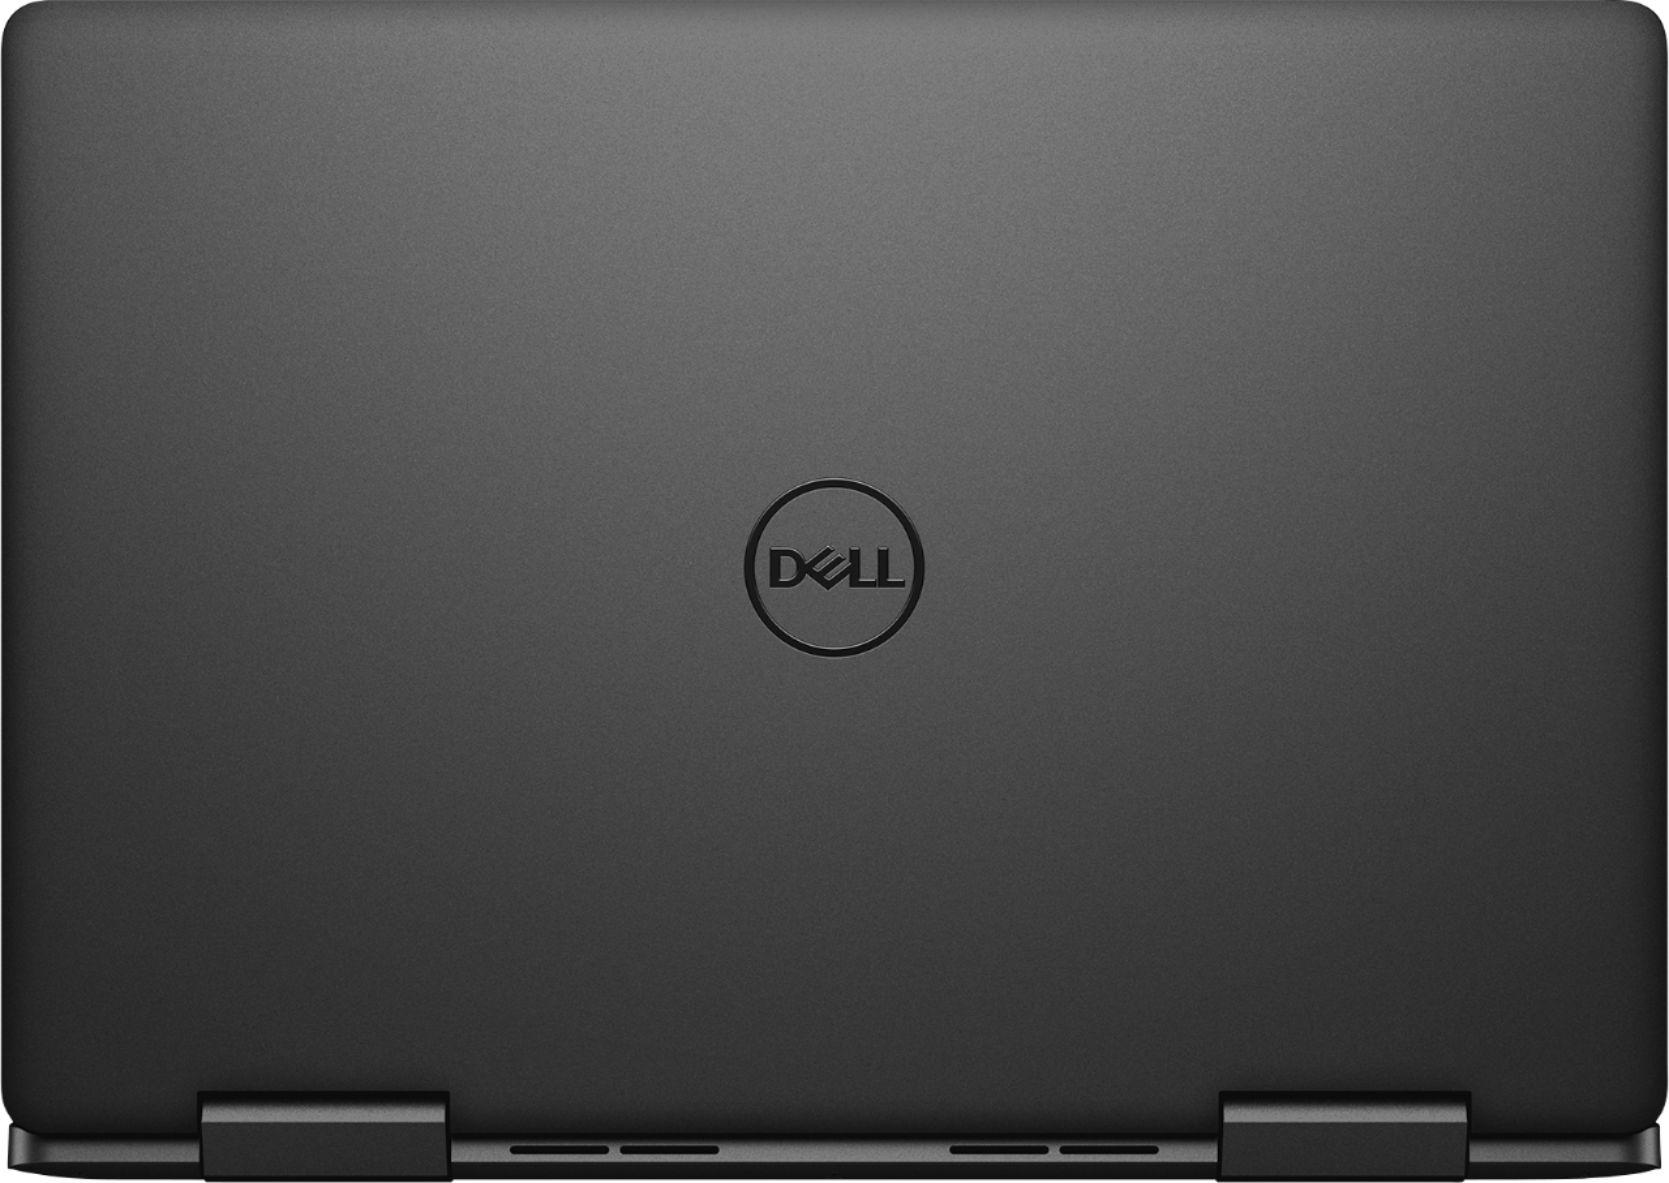 Dell ins 7386